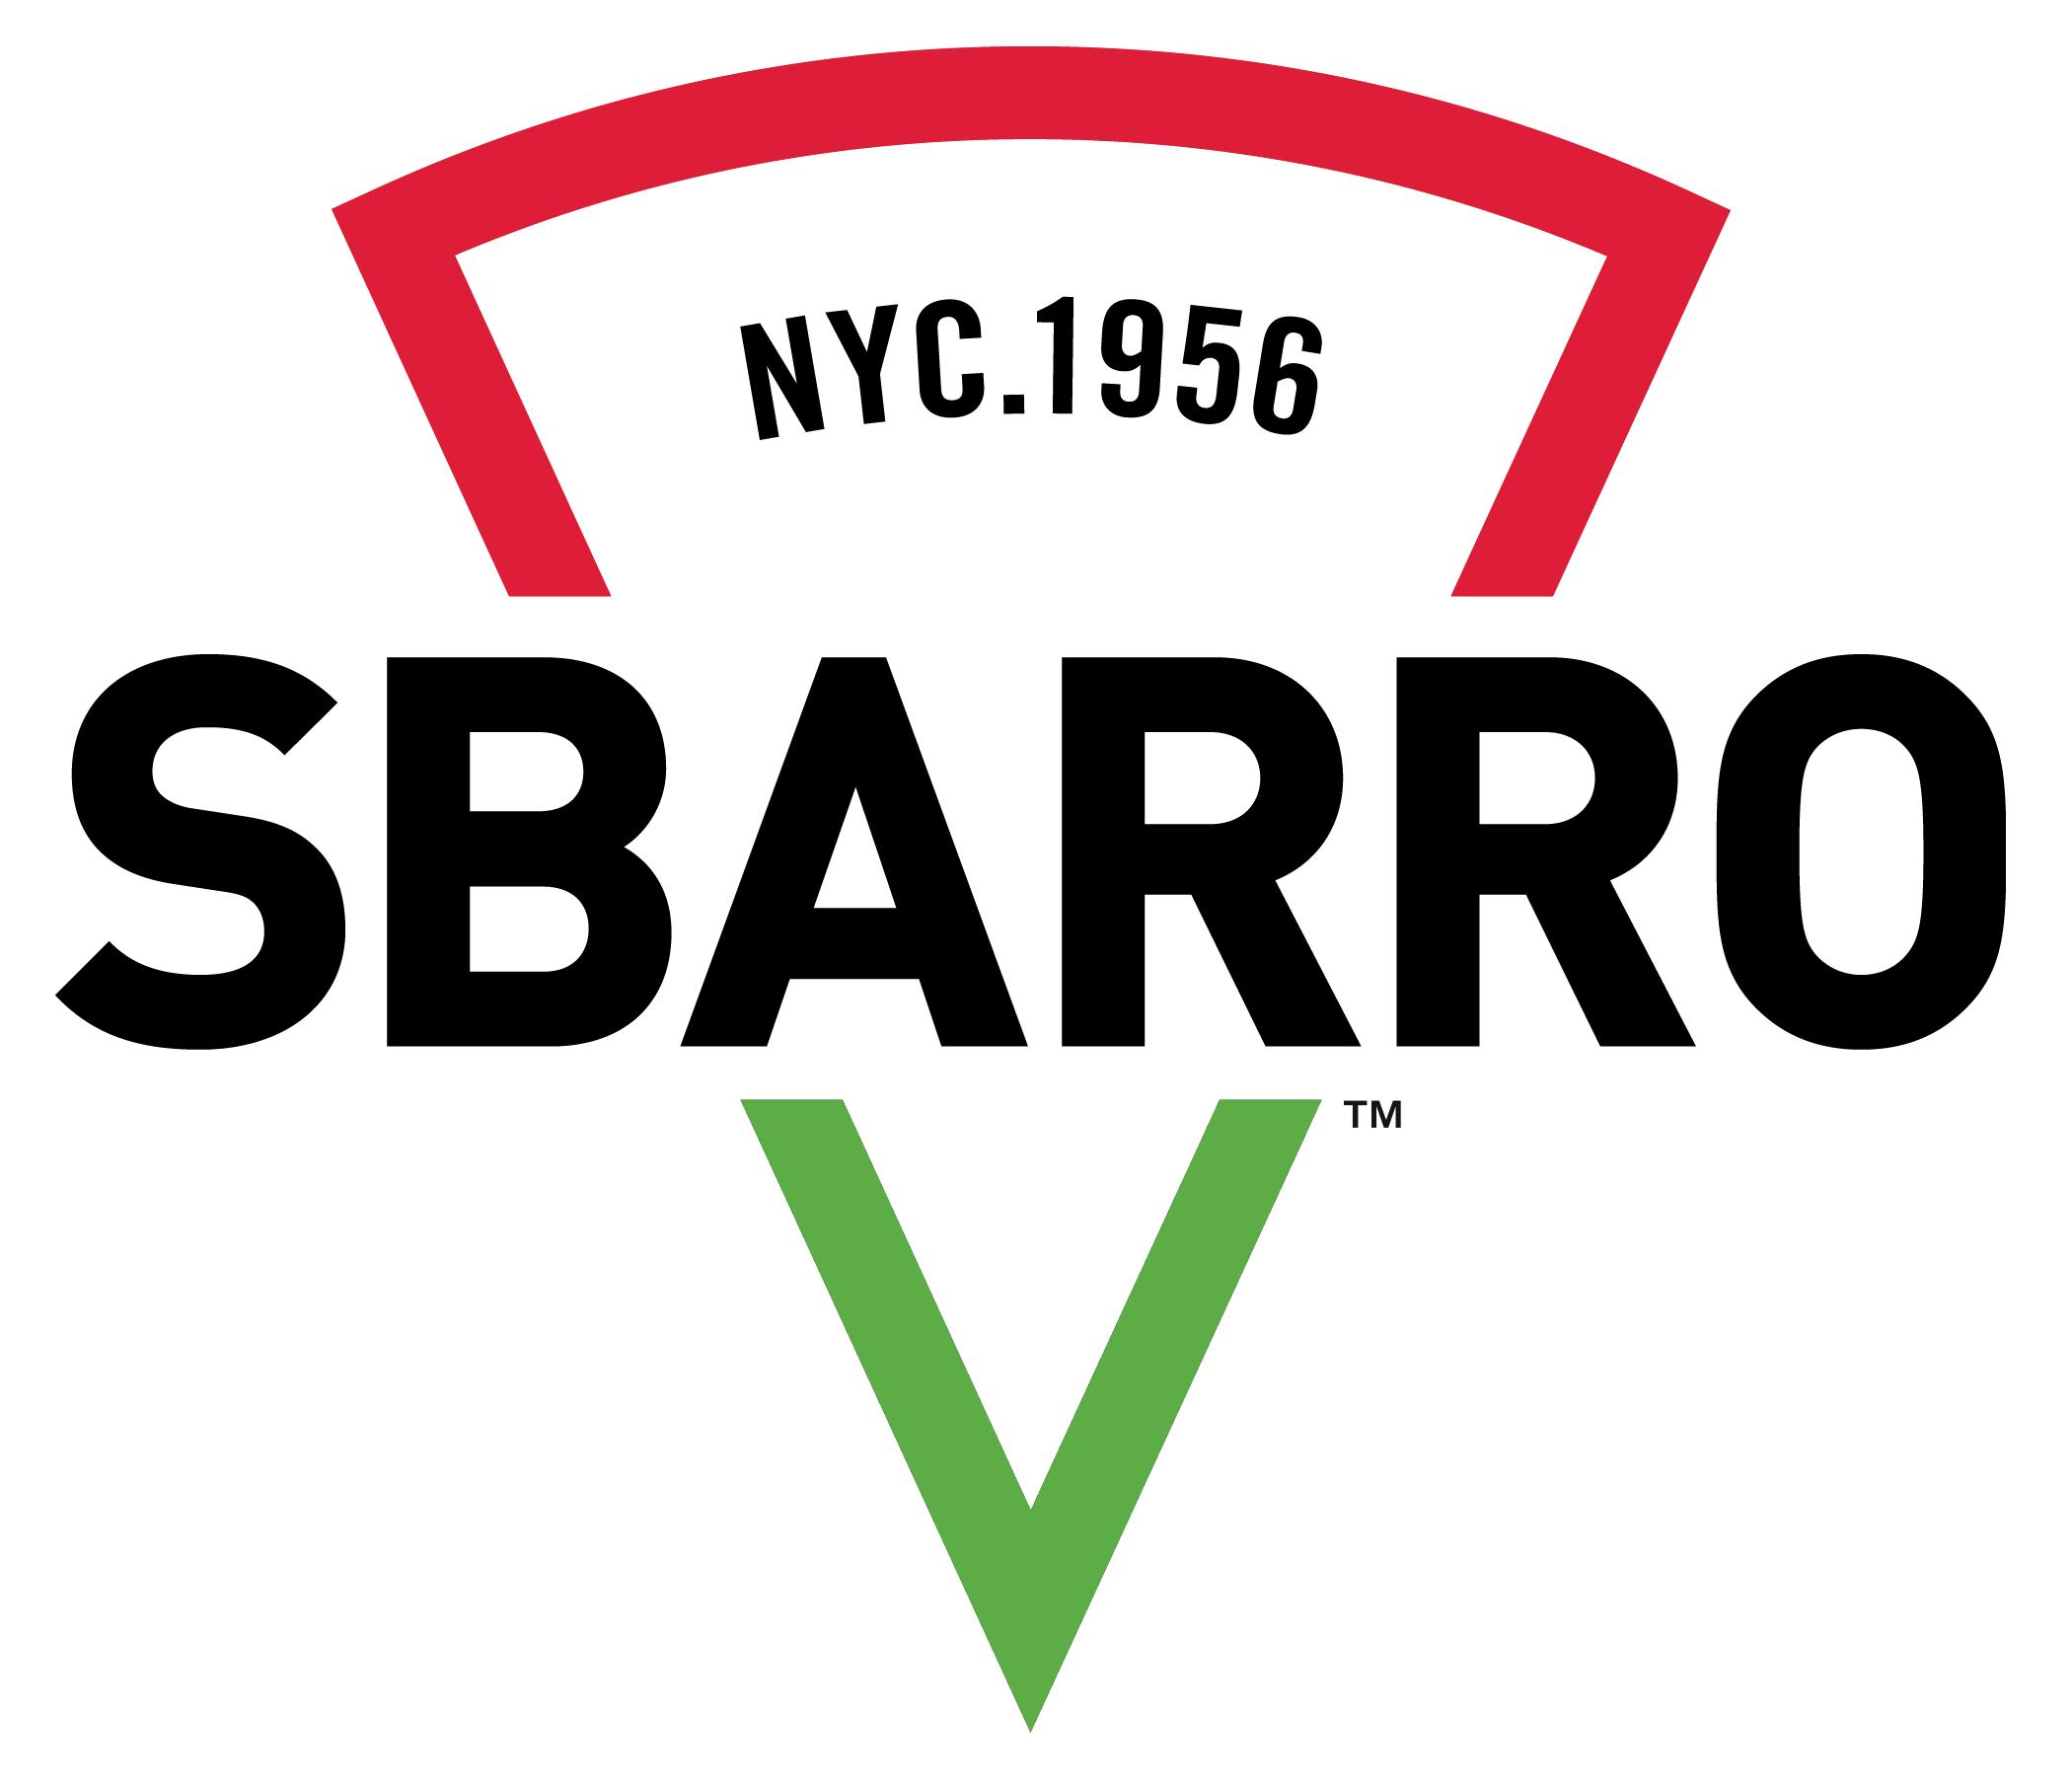 Sbarro – Logos Download